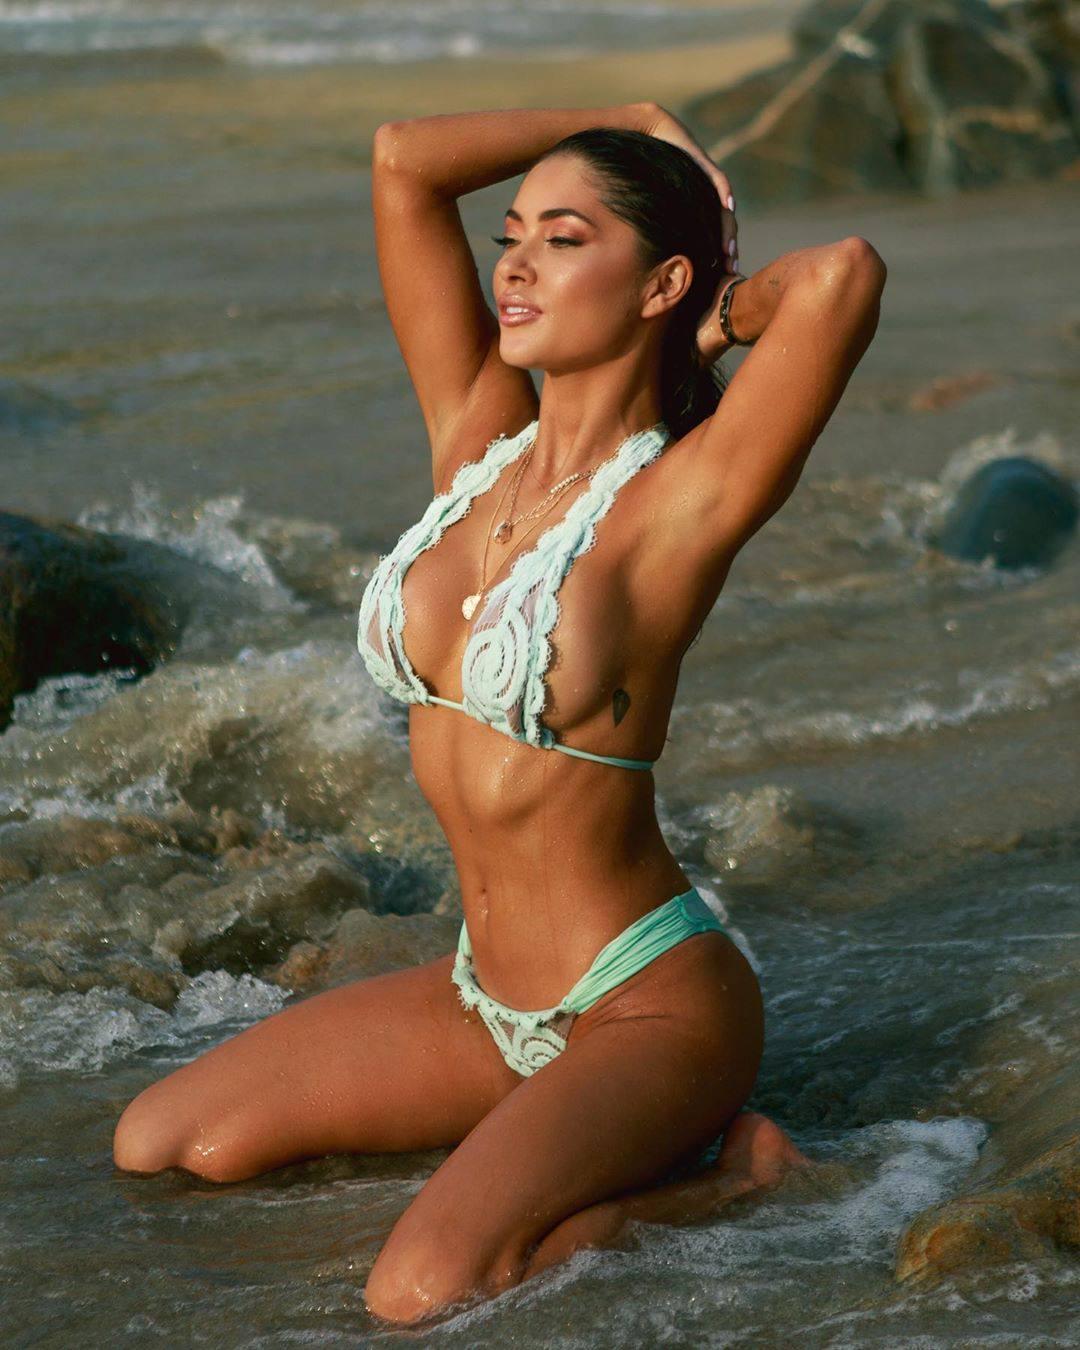 Arianny Celeste Hot Breasts In Sexy Tiny Bikini